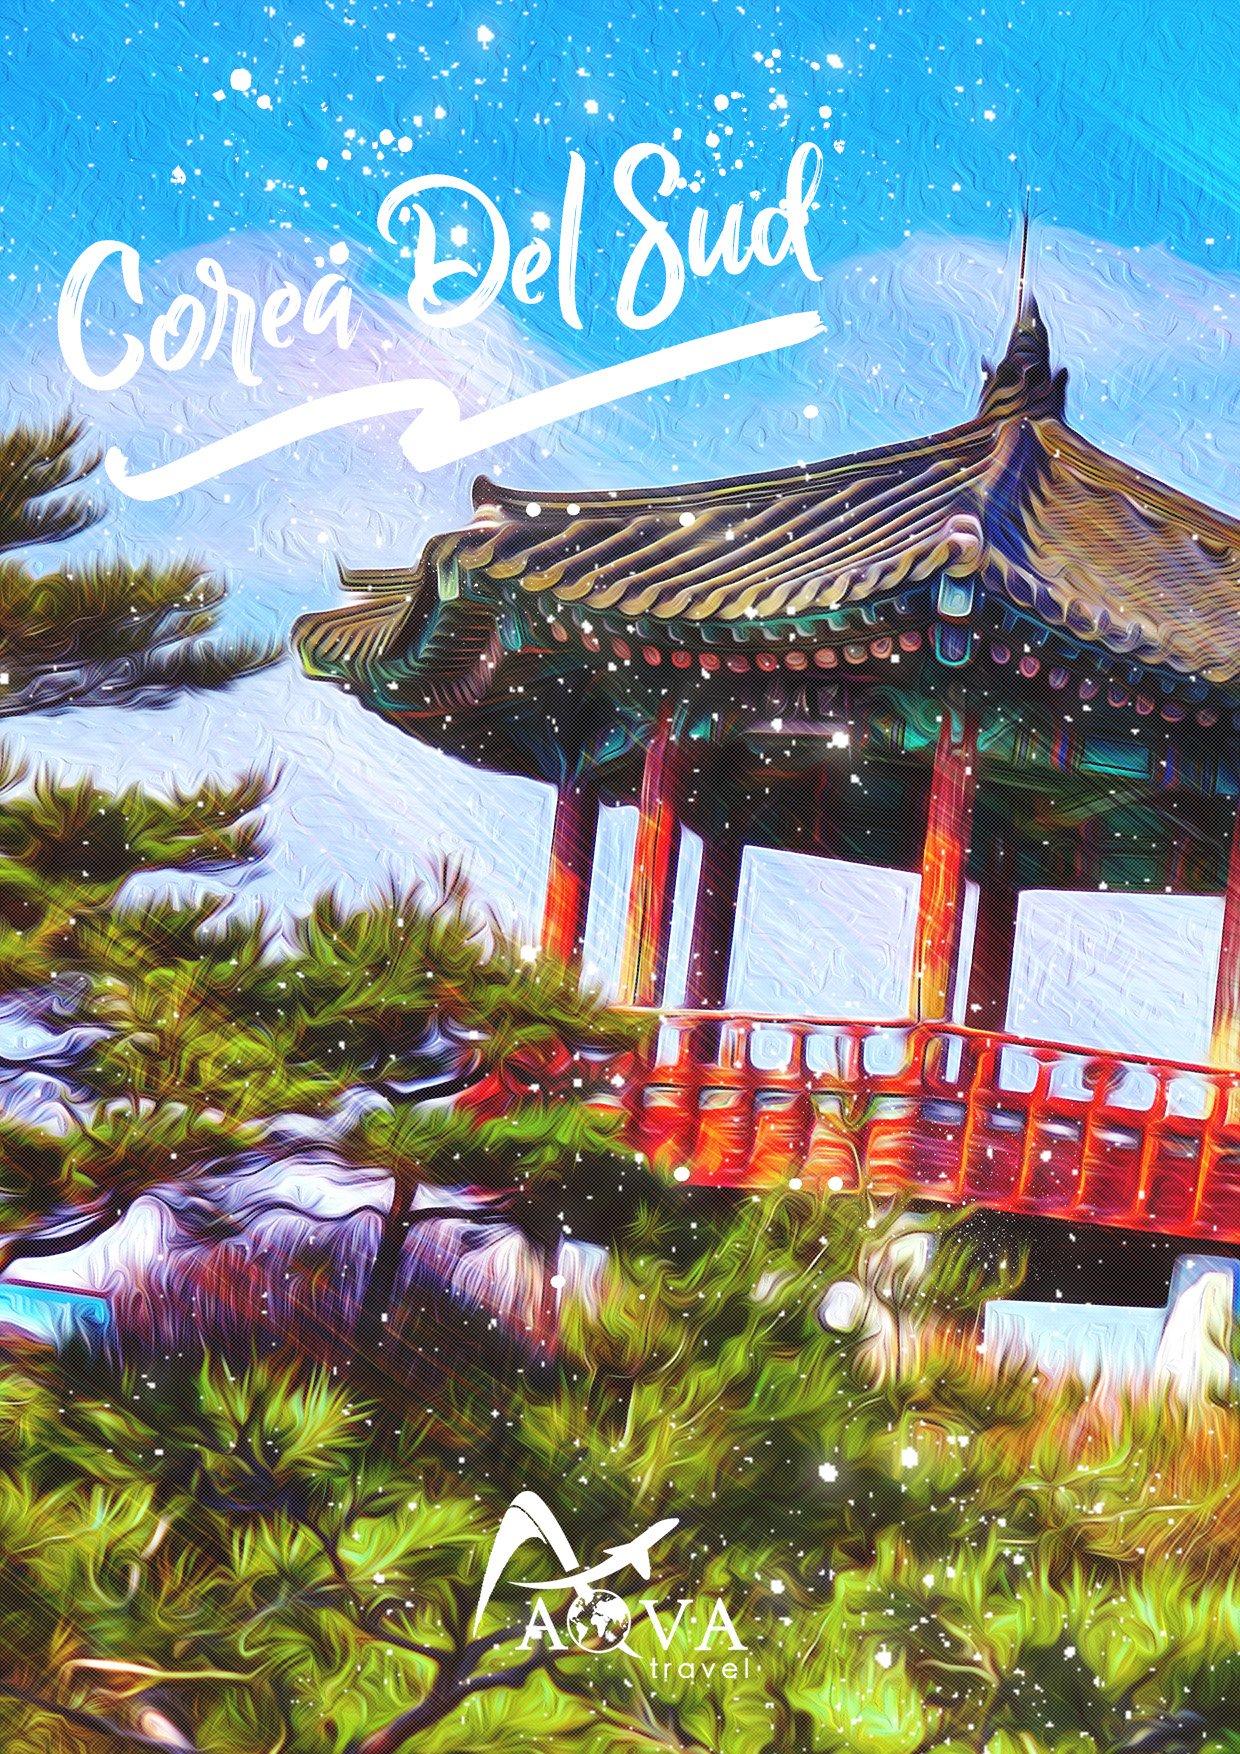 Corea Del Sud Catalogo Viaggi Novembre 2019 - Aprile 2020